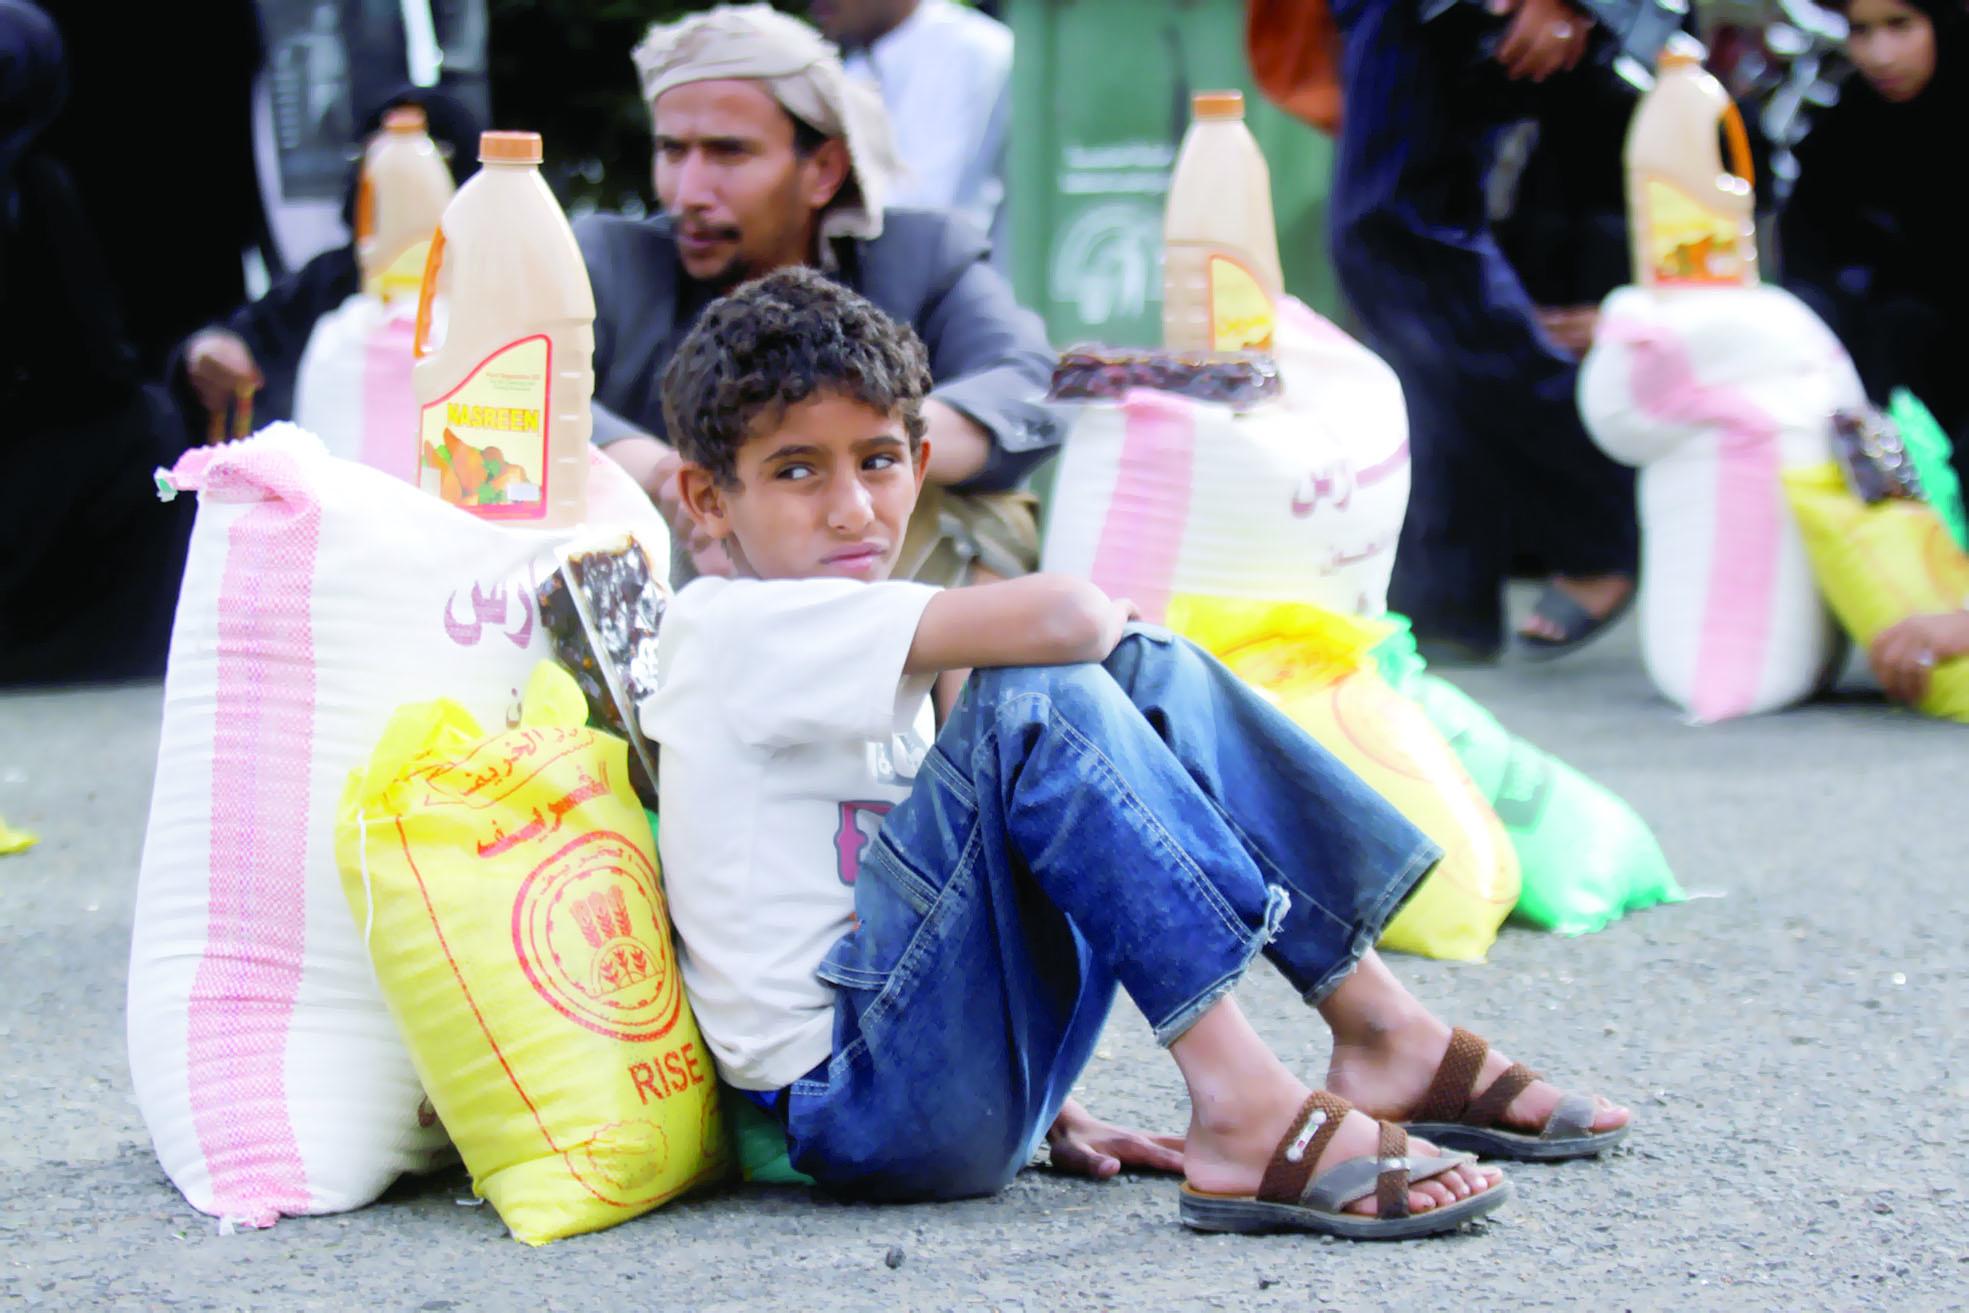 العام الجاري سيكون الأسوأالجوع والكوليرا ينهشان أجساد اليمنيين